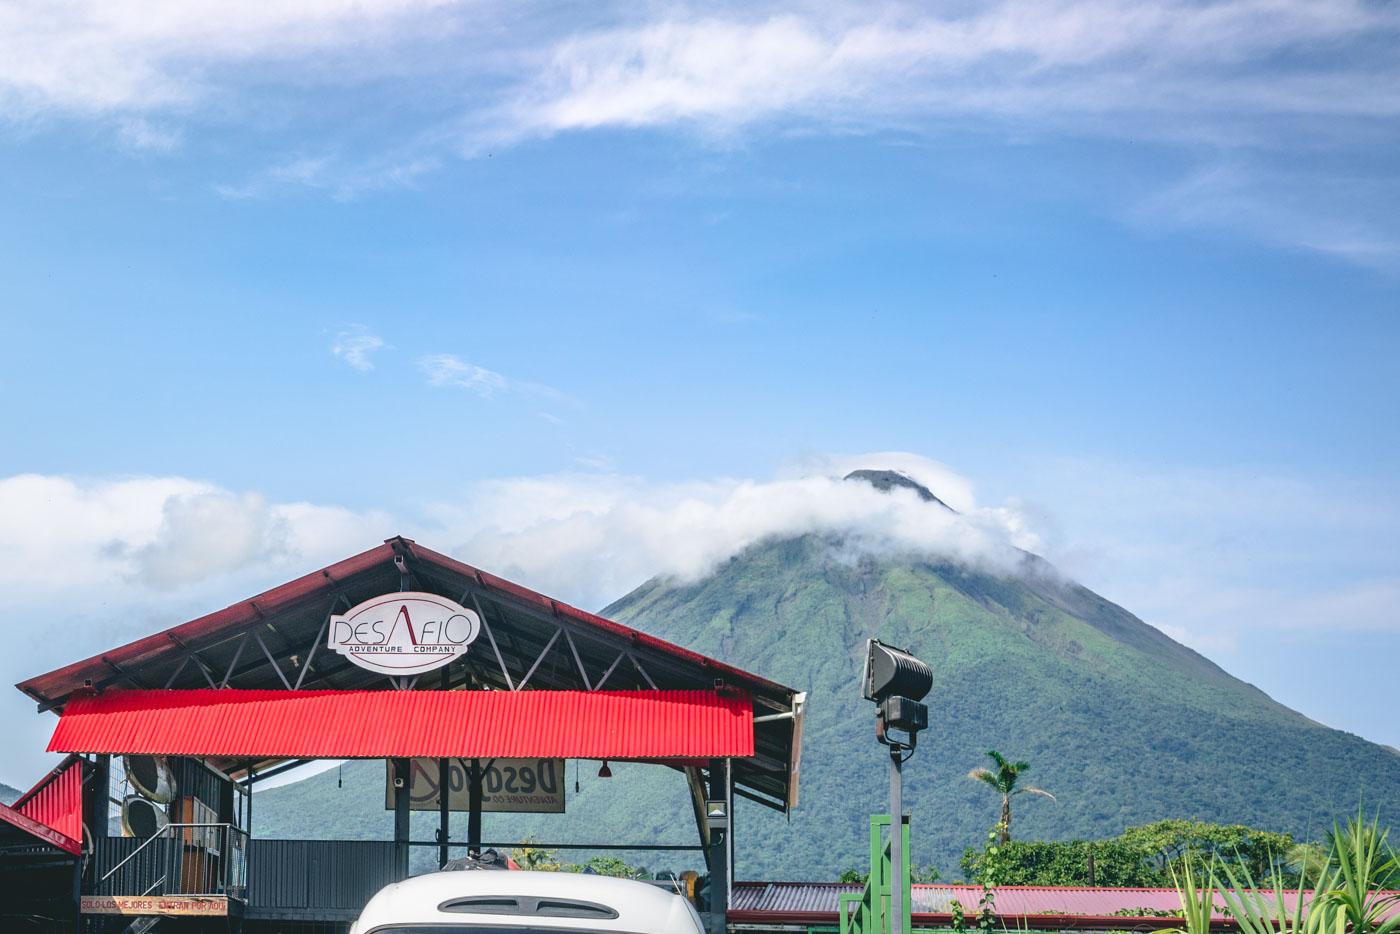 Arenal Costa Rica: Desafio Adventures office in La Fortuna